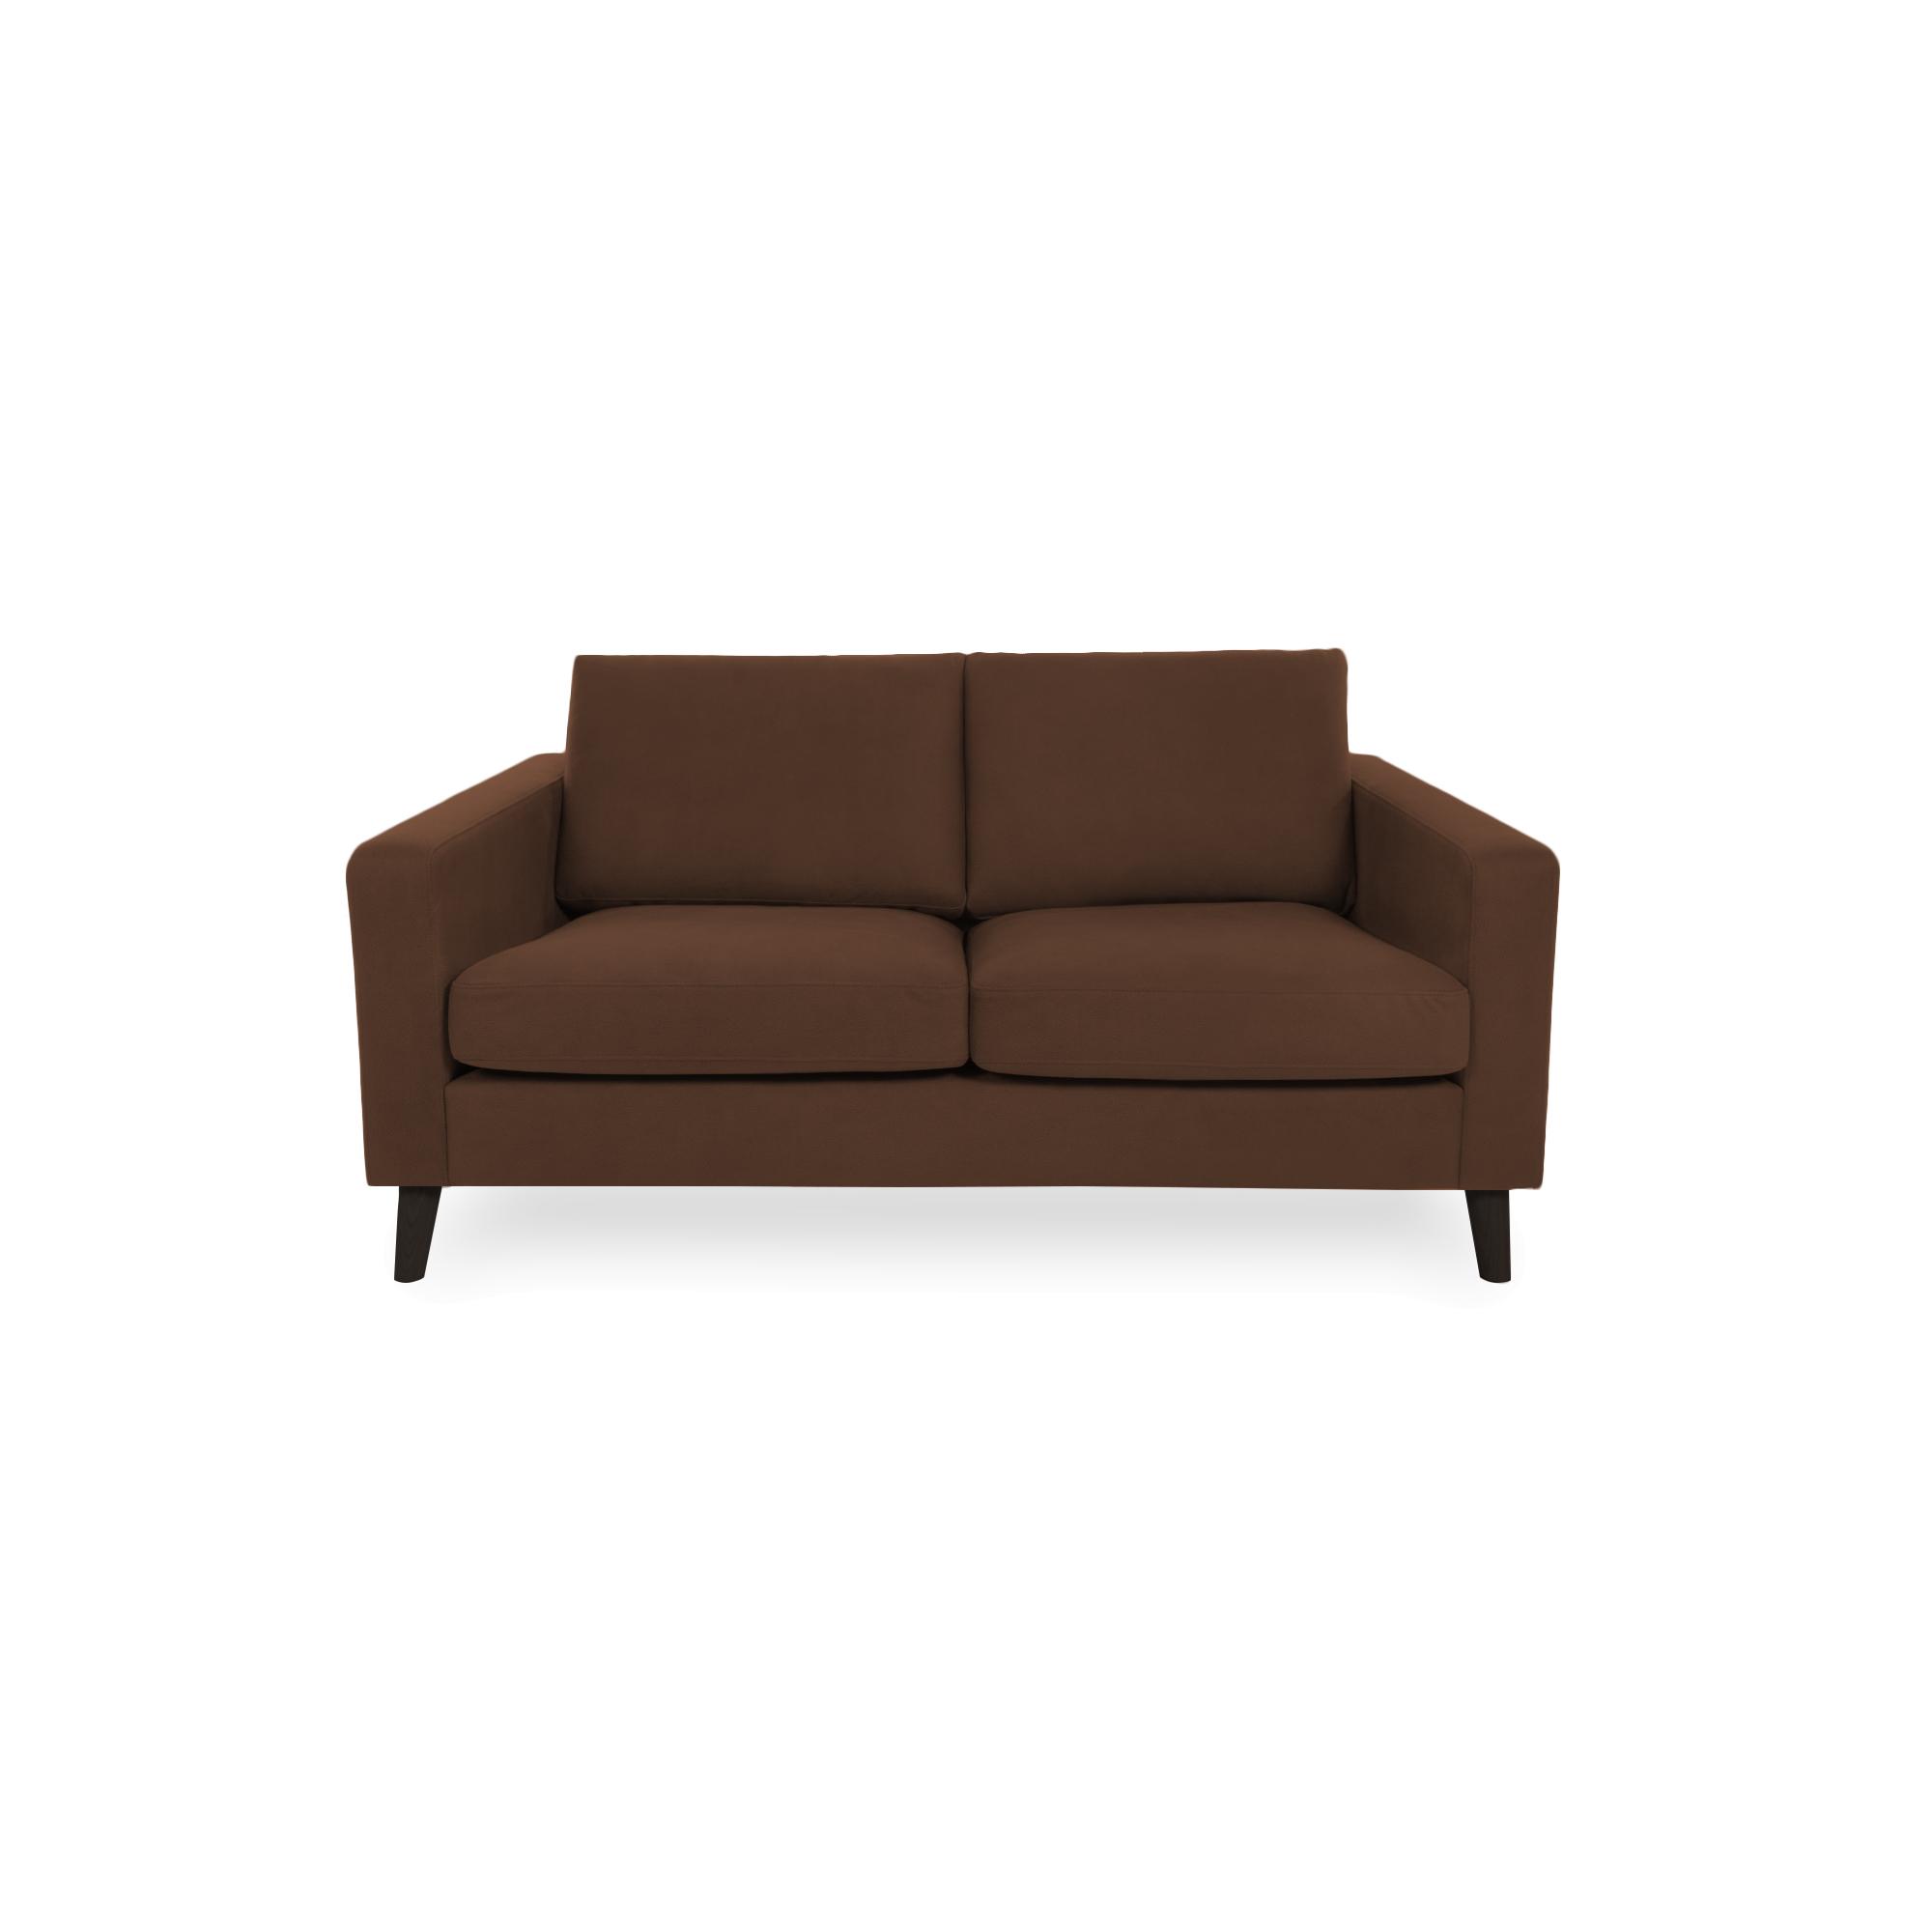 Canapea Fixa 2 locuri Tom Cognac/Black